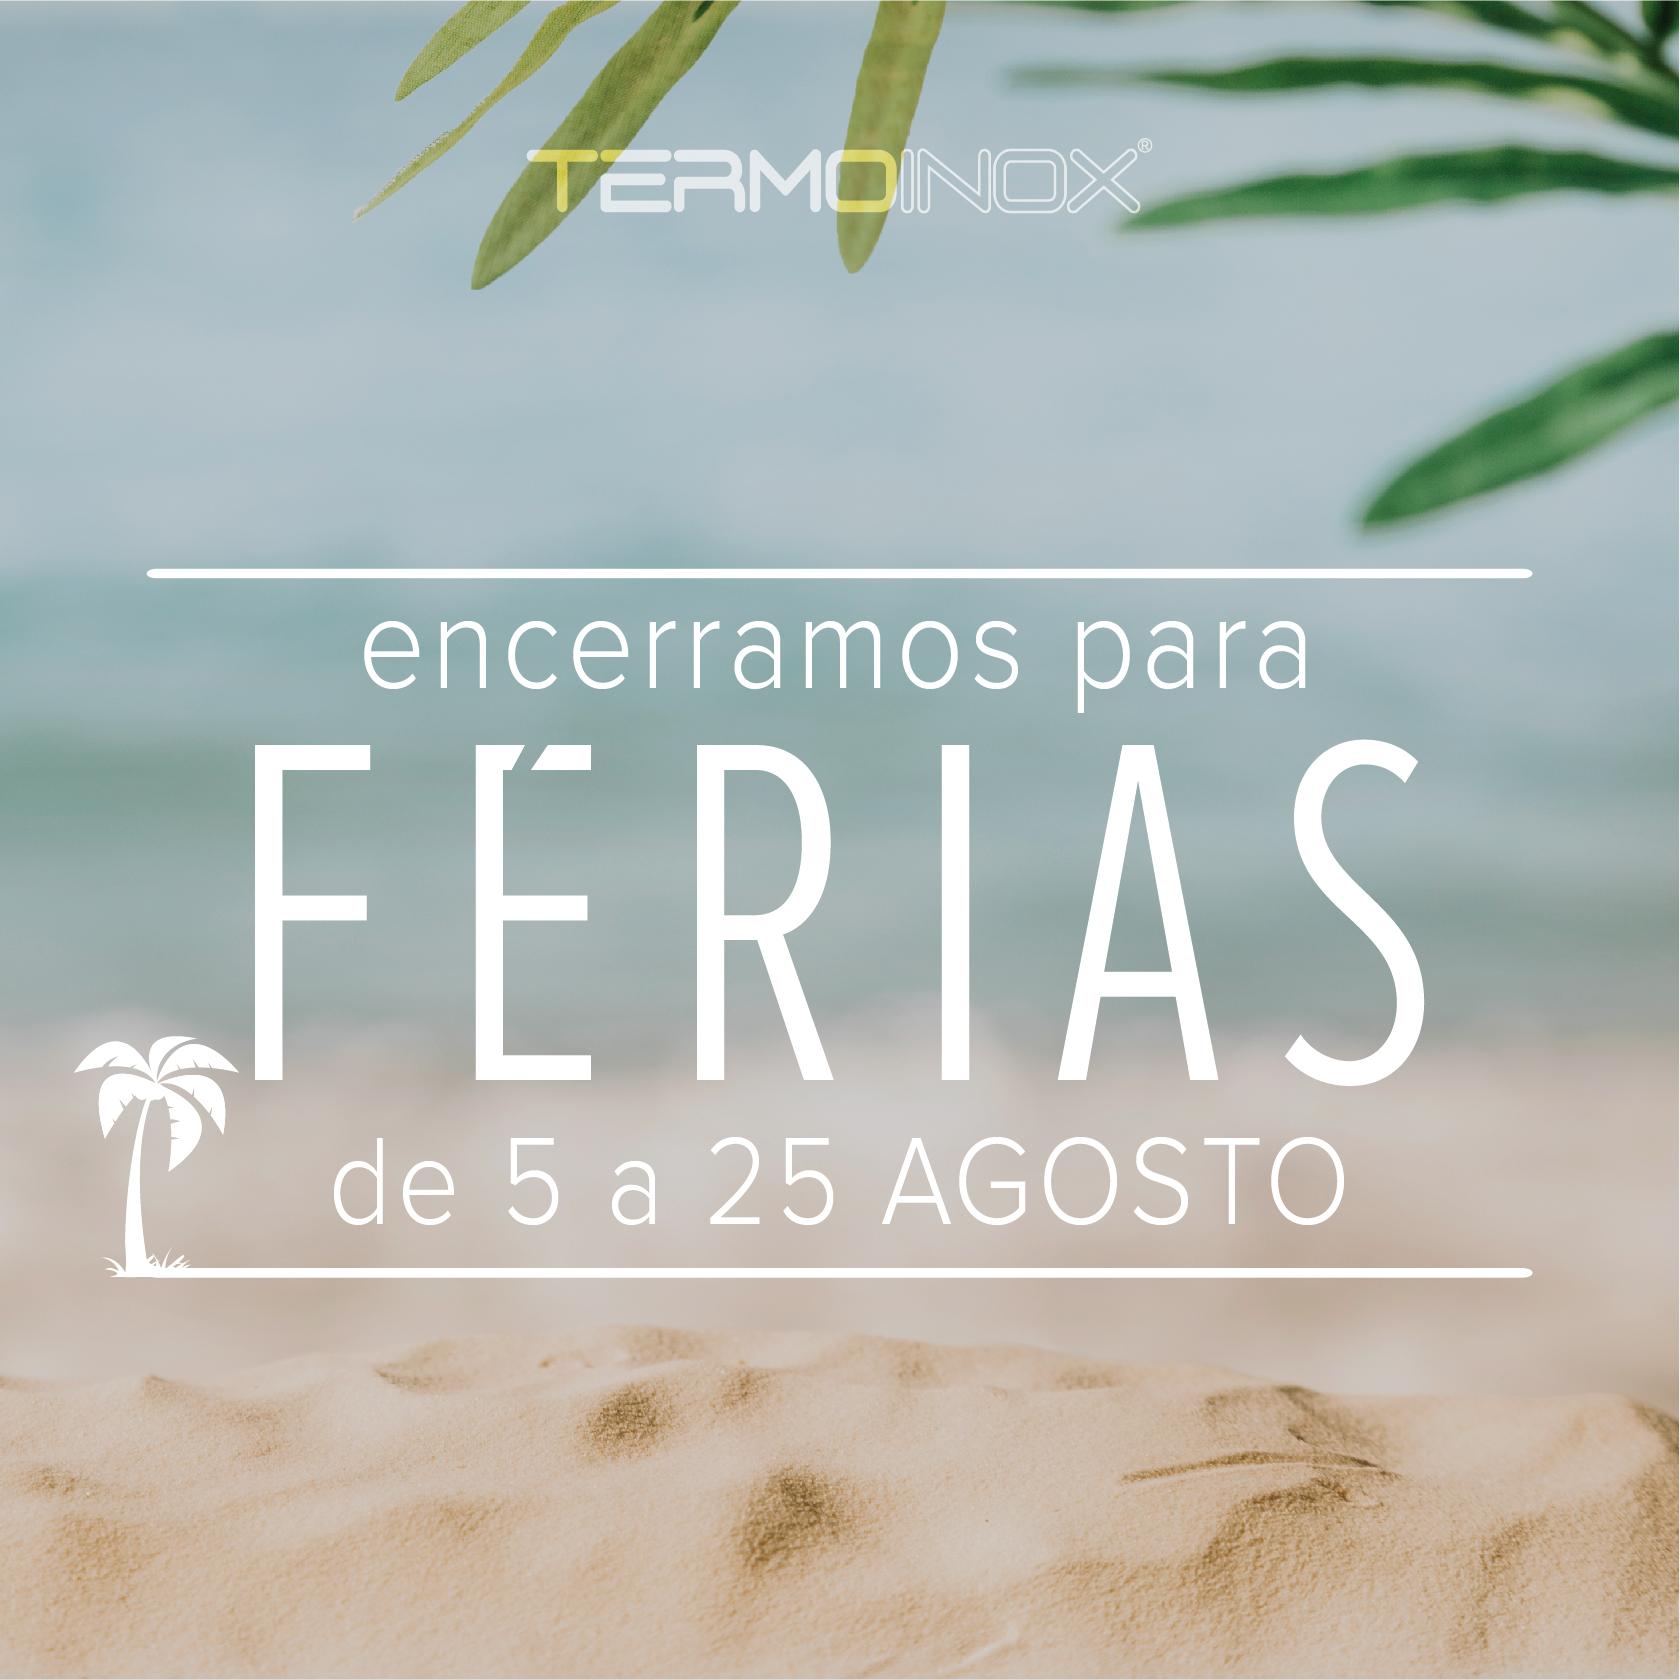 FERIAS_2019 site.jpg